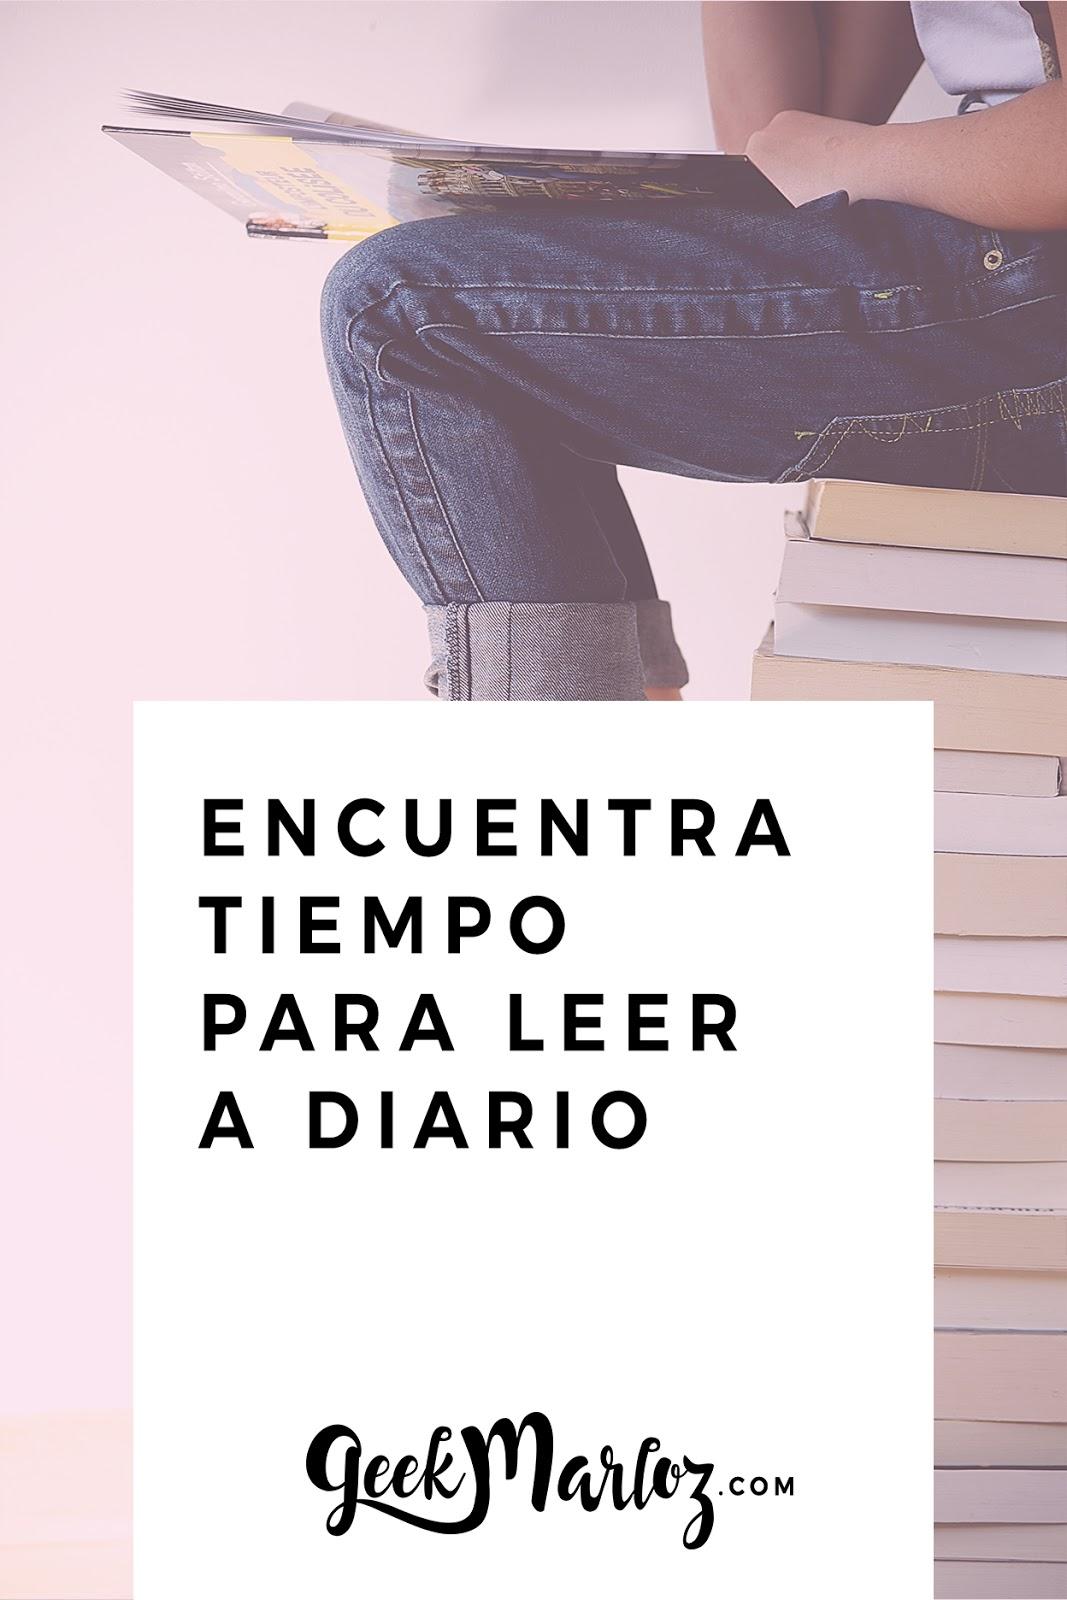 Encuentra tiempo para leer a diario